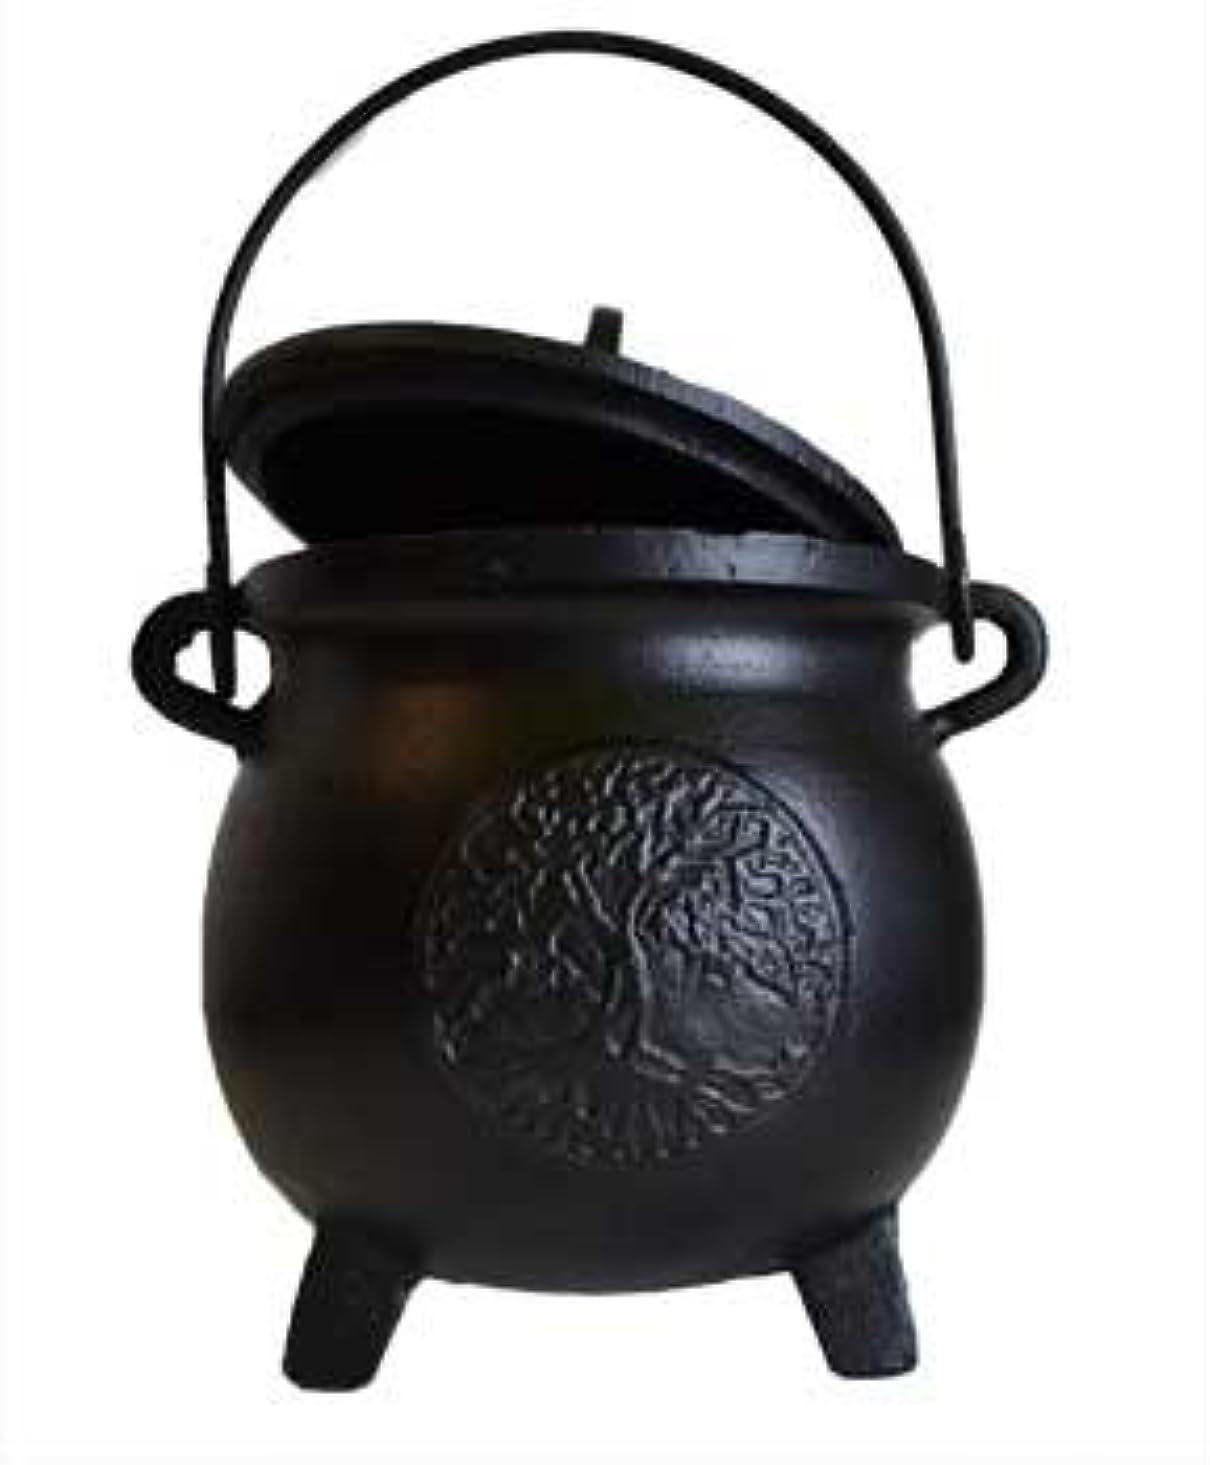 続編陸軍イデオロギーHome Fragrance Potpourris Cauldrons Tree of Life鋳鉄3つ脚でハンドルと蓋Large 8